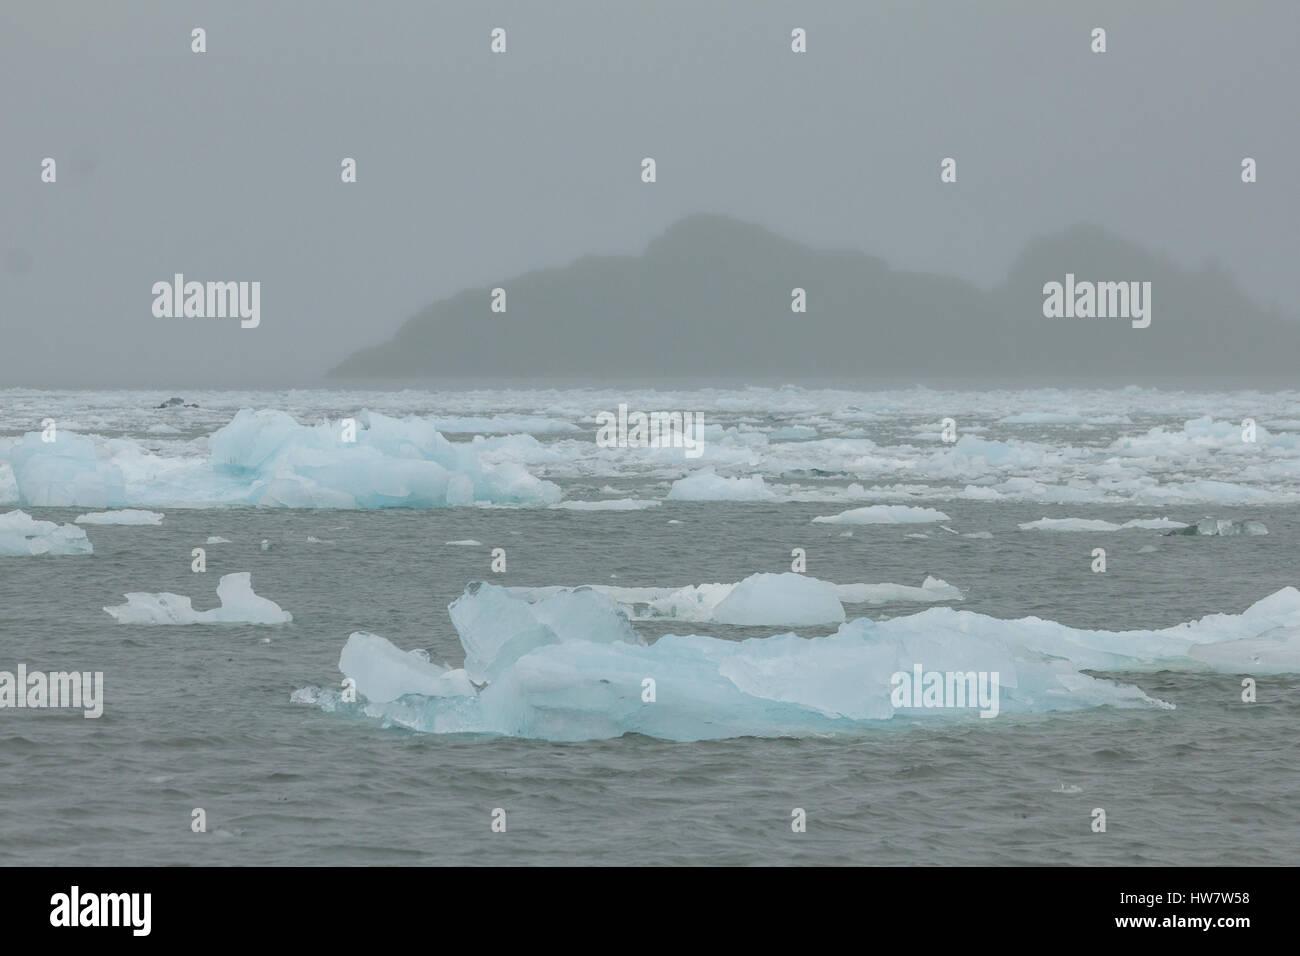 Ice bergs de Aialik et Glacier de l'île de Slate dans le brouillard, Kenai Fjords National Park, Alaska. Photo Stock